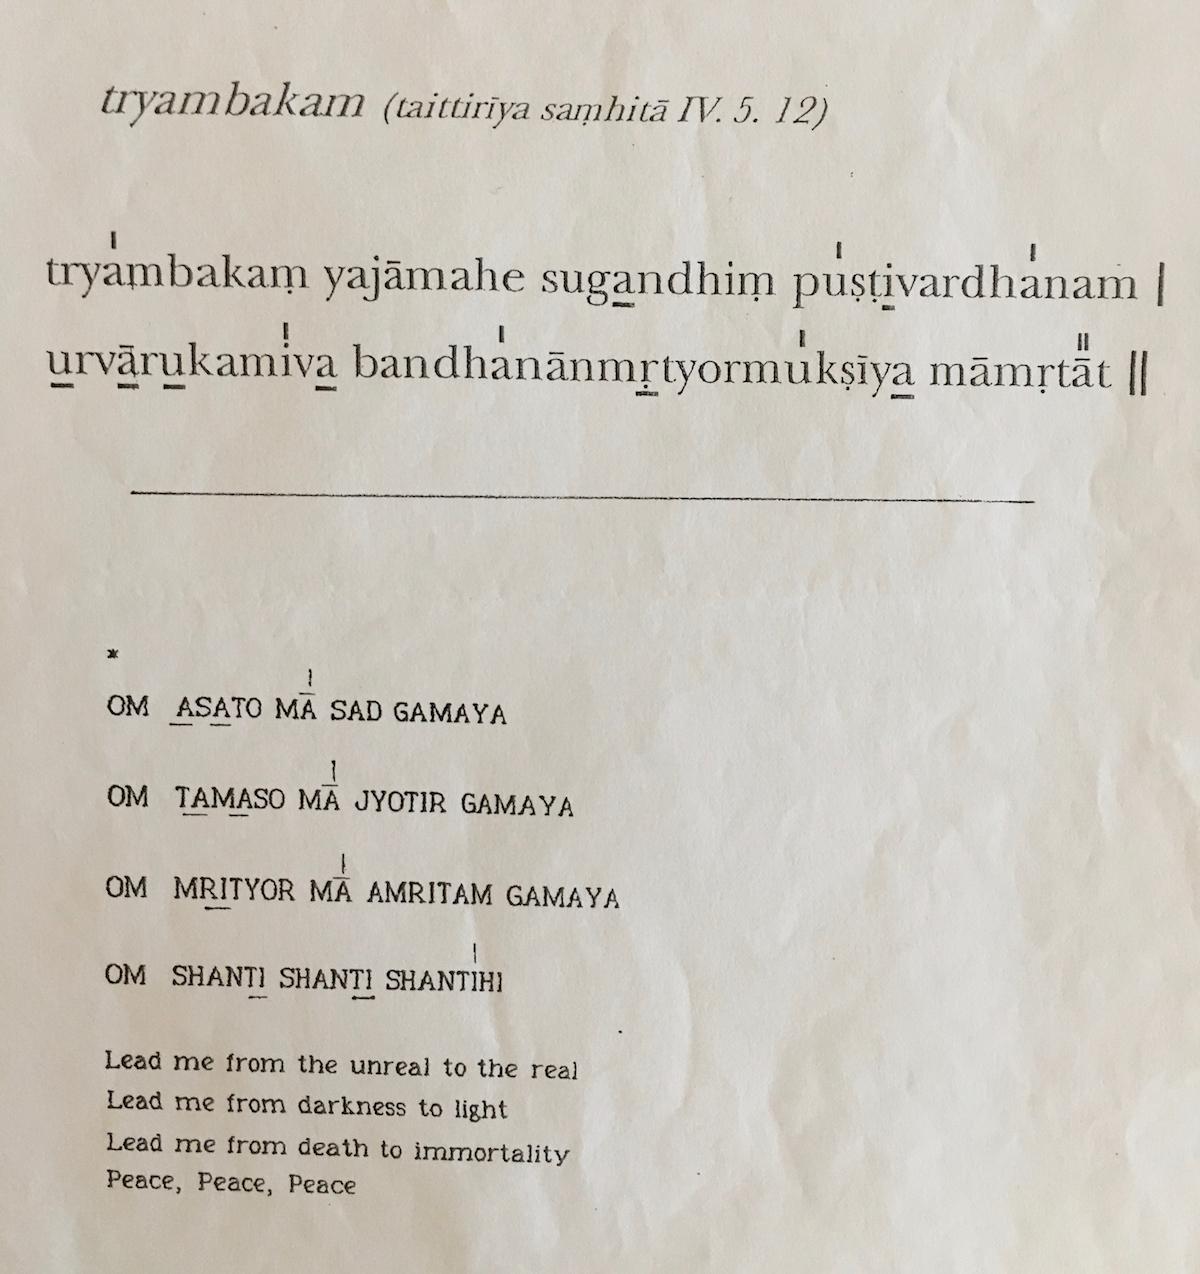 Tryambakum, Asato Ma Chants